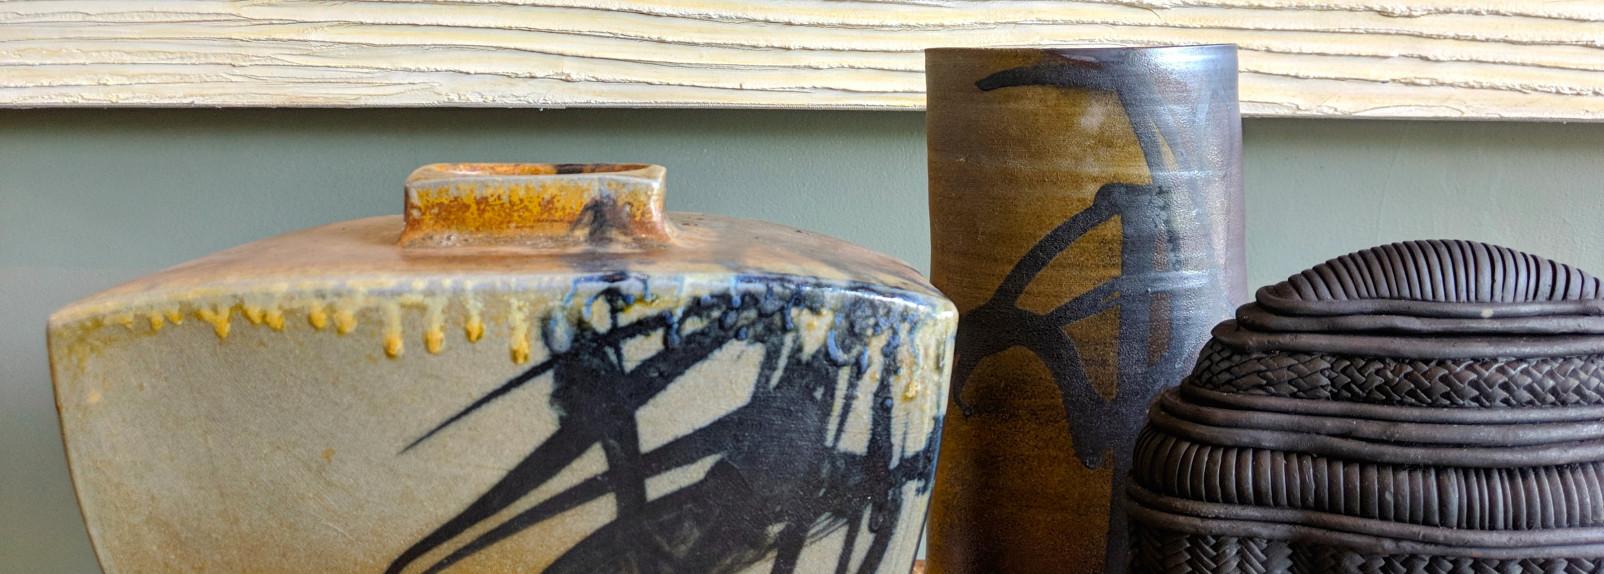 3-gaya-cac-artspace-still-life-ceramics.jpg